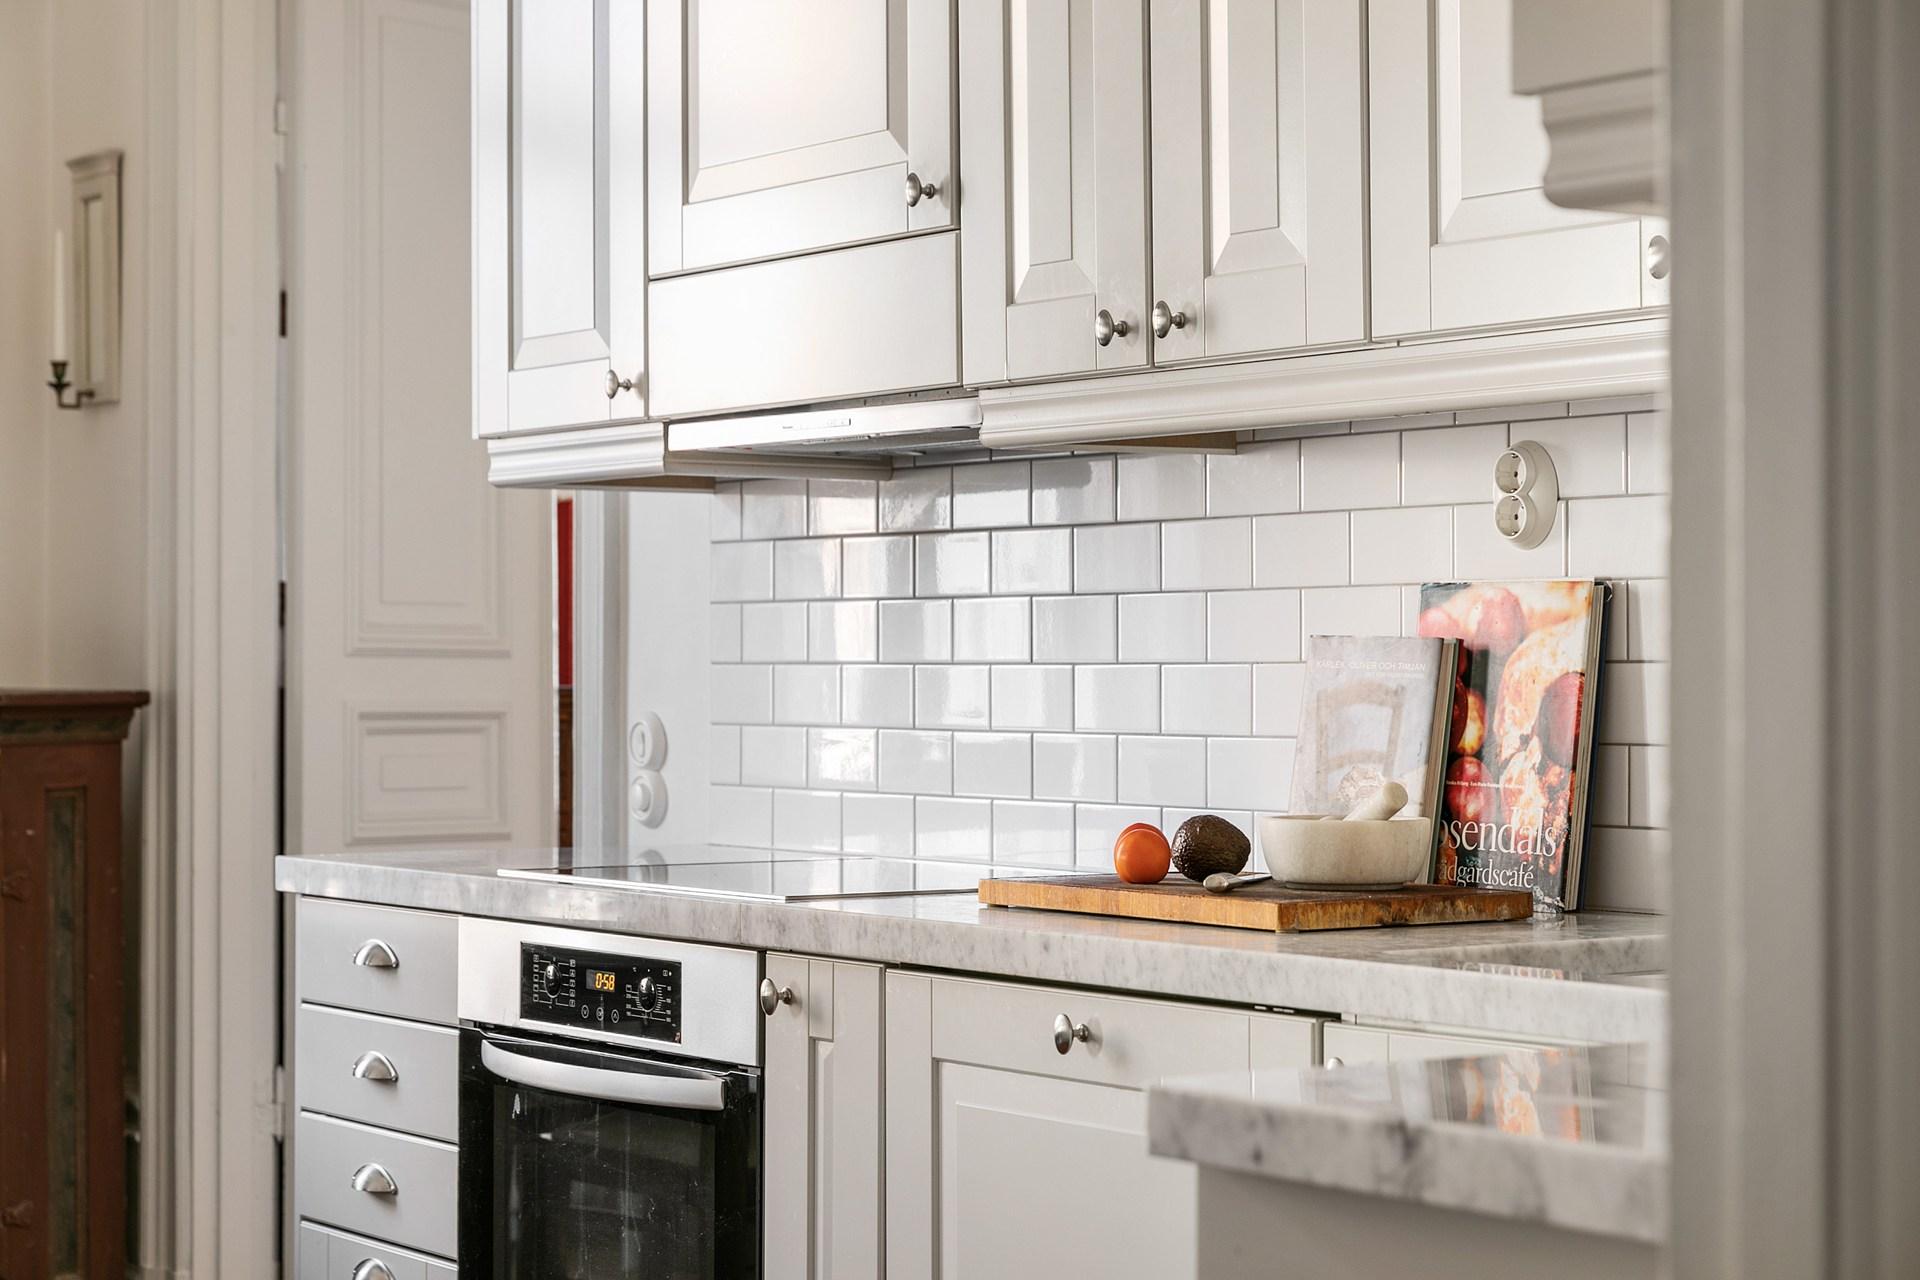 кухонная мебель фасады белая плитка духовка варочная панель встроенная вытяжка